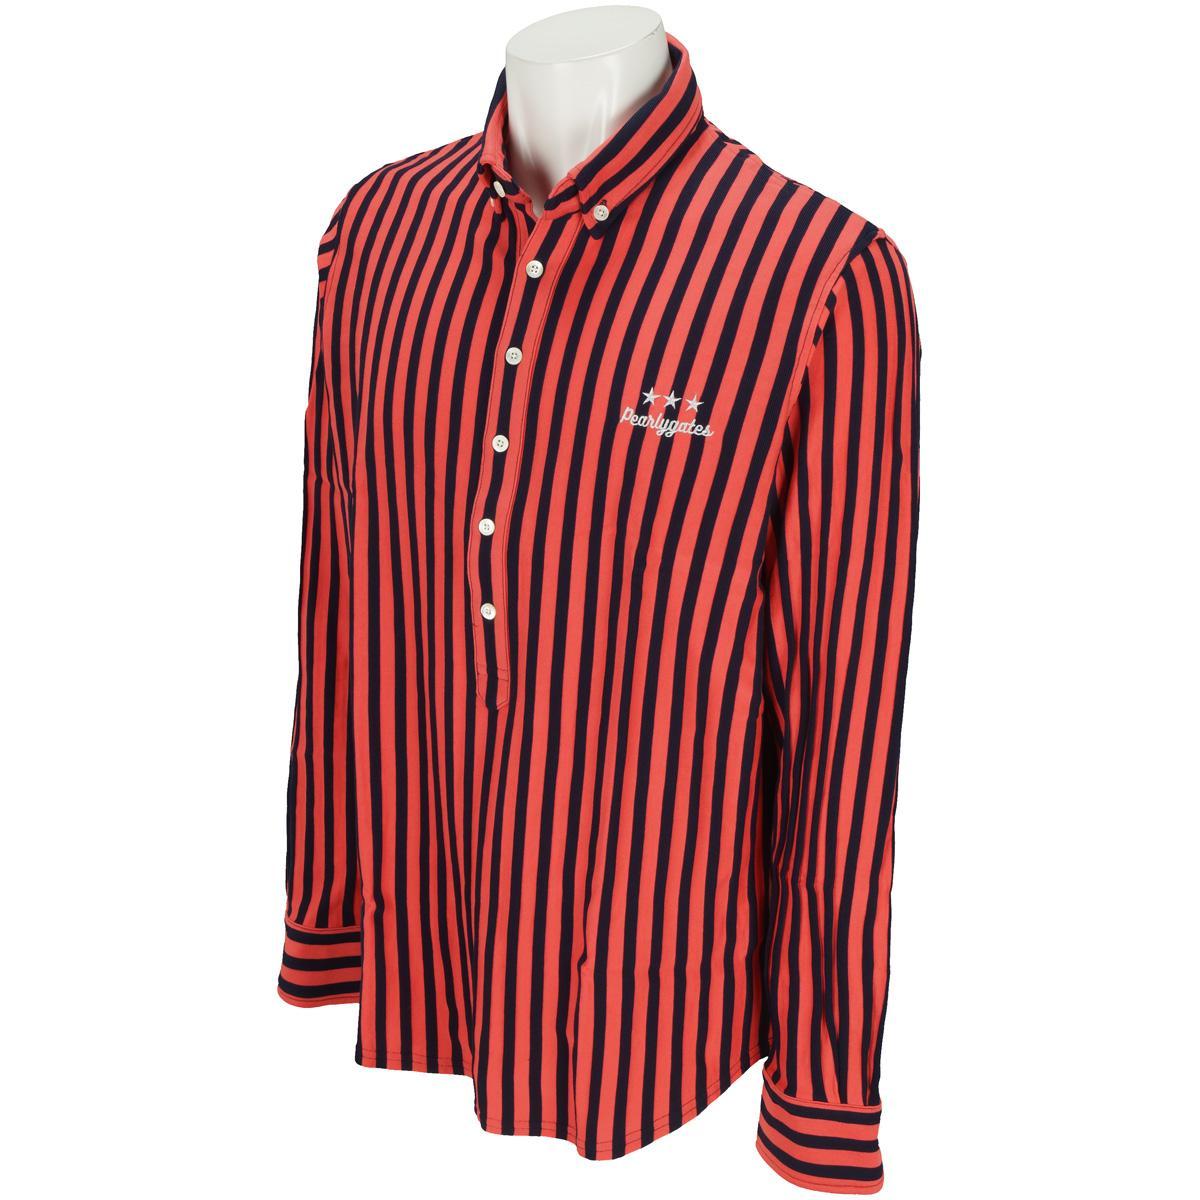 パーリーゲイツ PEARLY GATES リンクスボーダー ストライプ使い長袖ポロシャツ[ゴルフ ウェア メンズウェア シャツ ポロシャツ]